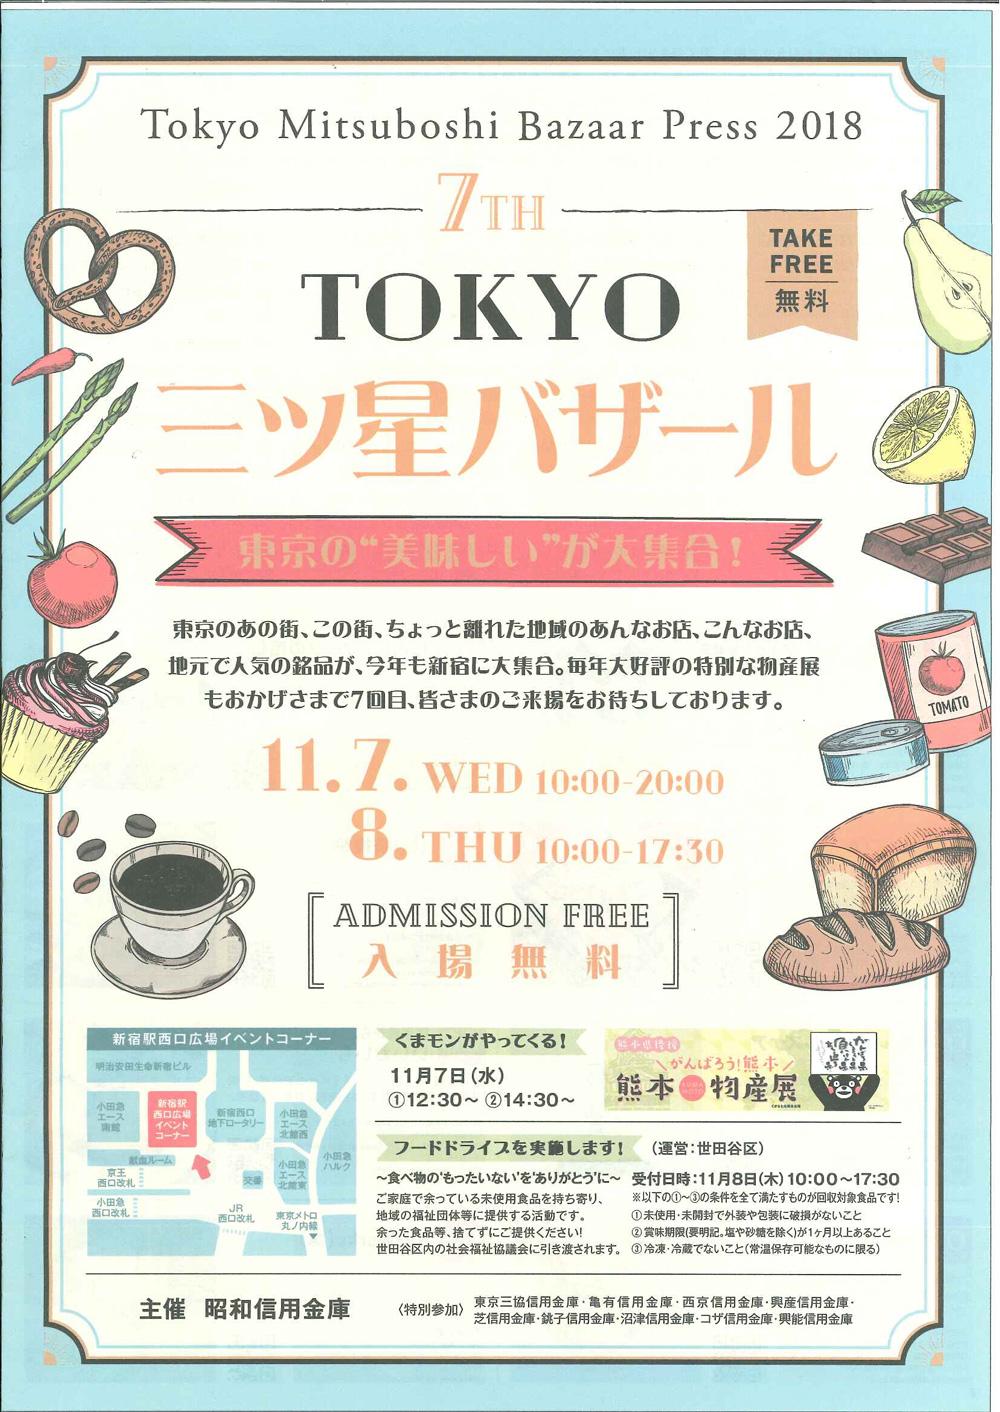 第7回 TOKYO 三ツ星バザール